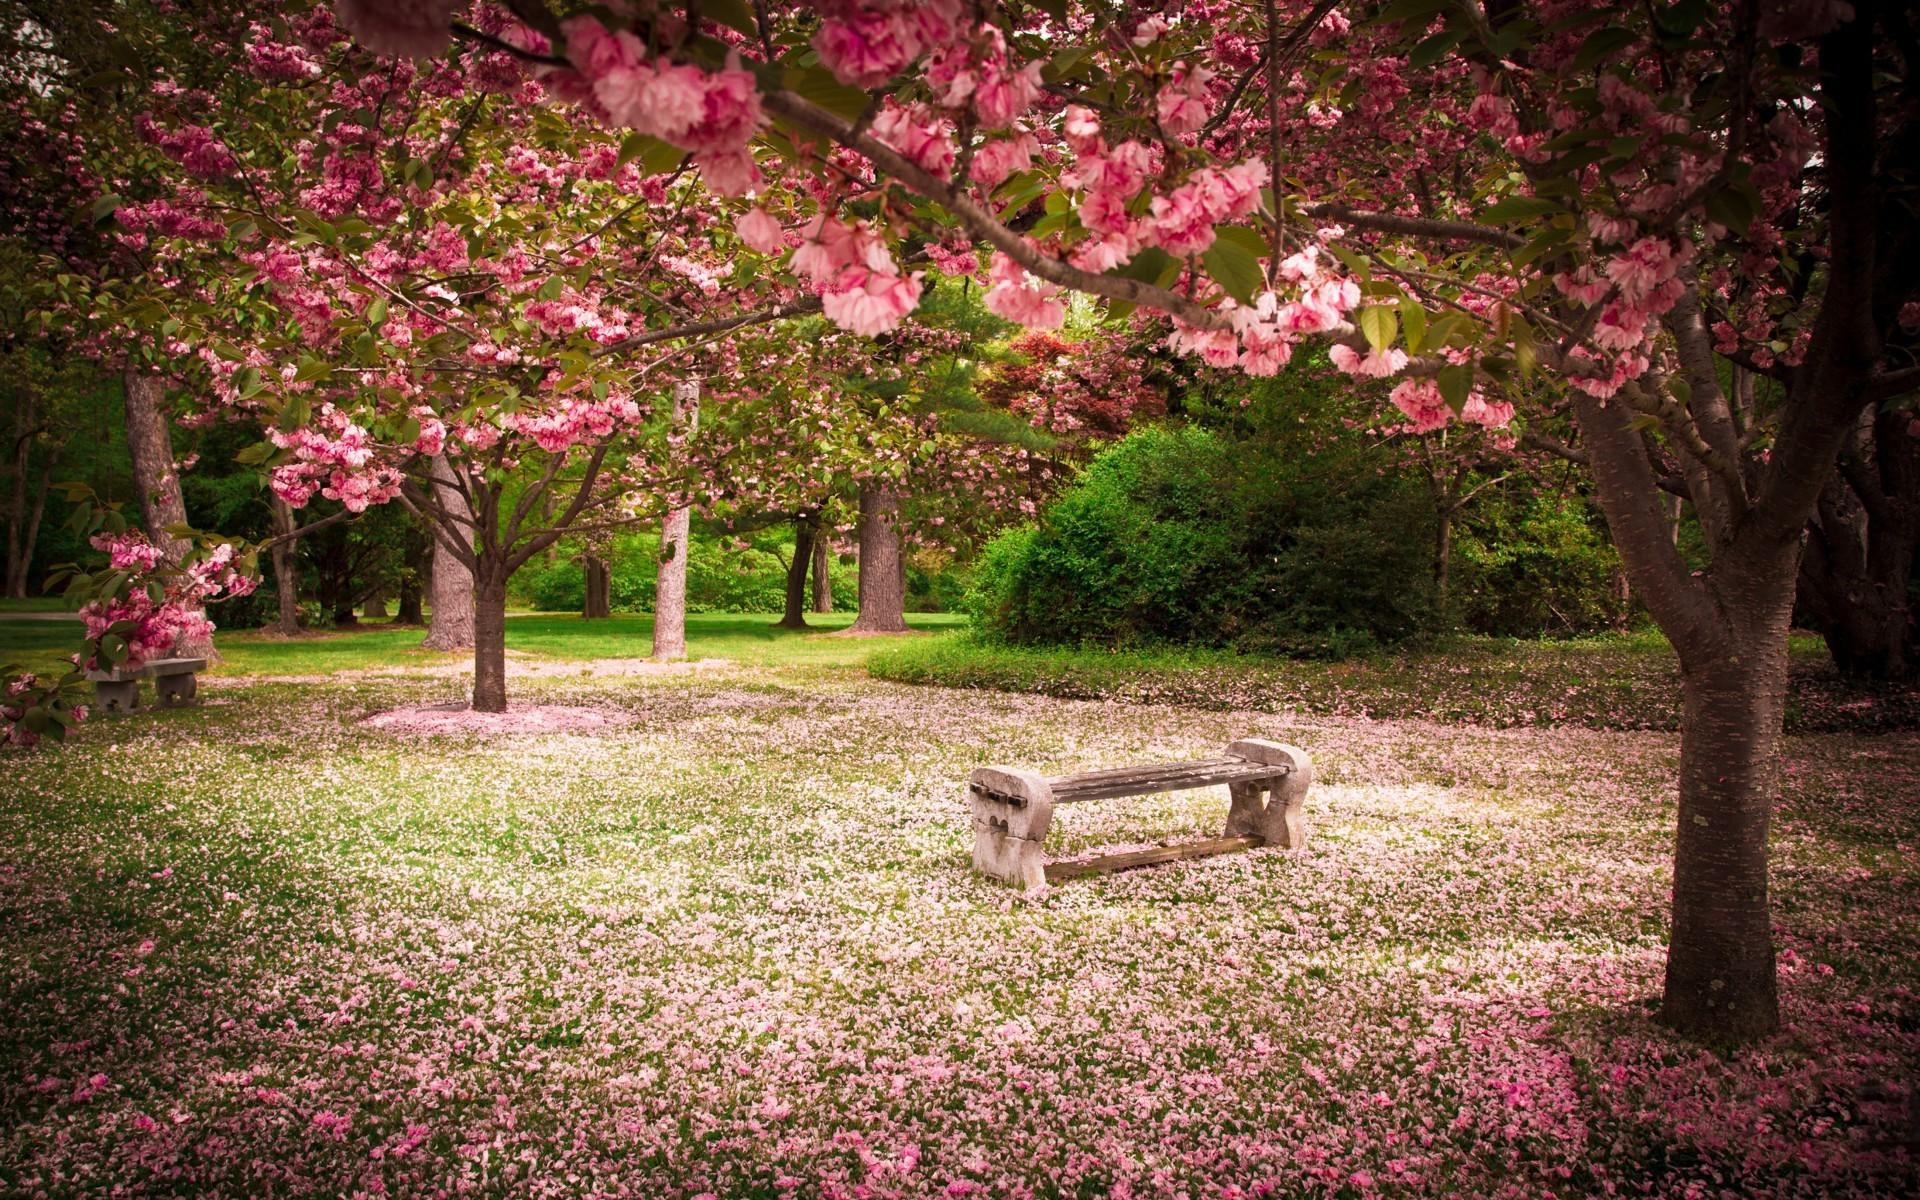 Fondos de pantalla bosque jard n flor de cerezo - Plantas de temporada primavera ...